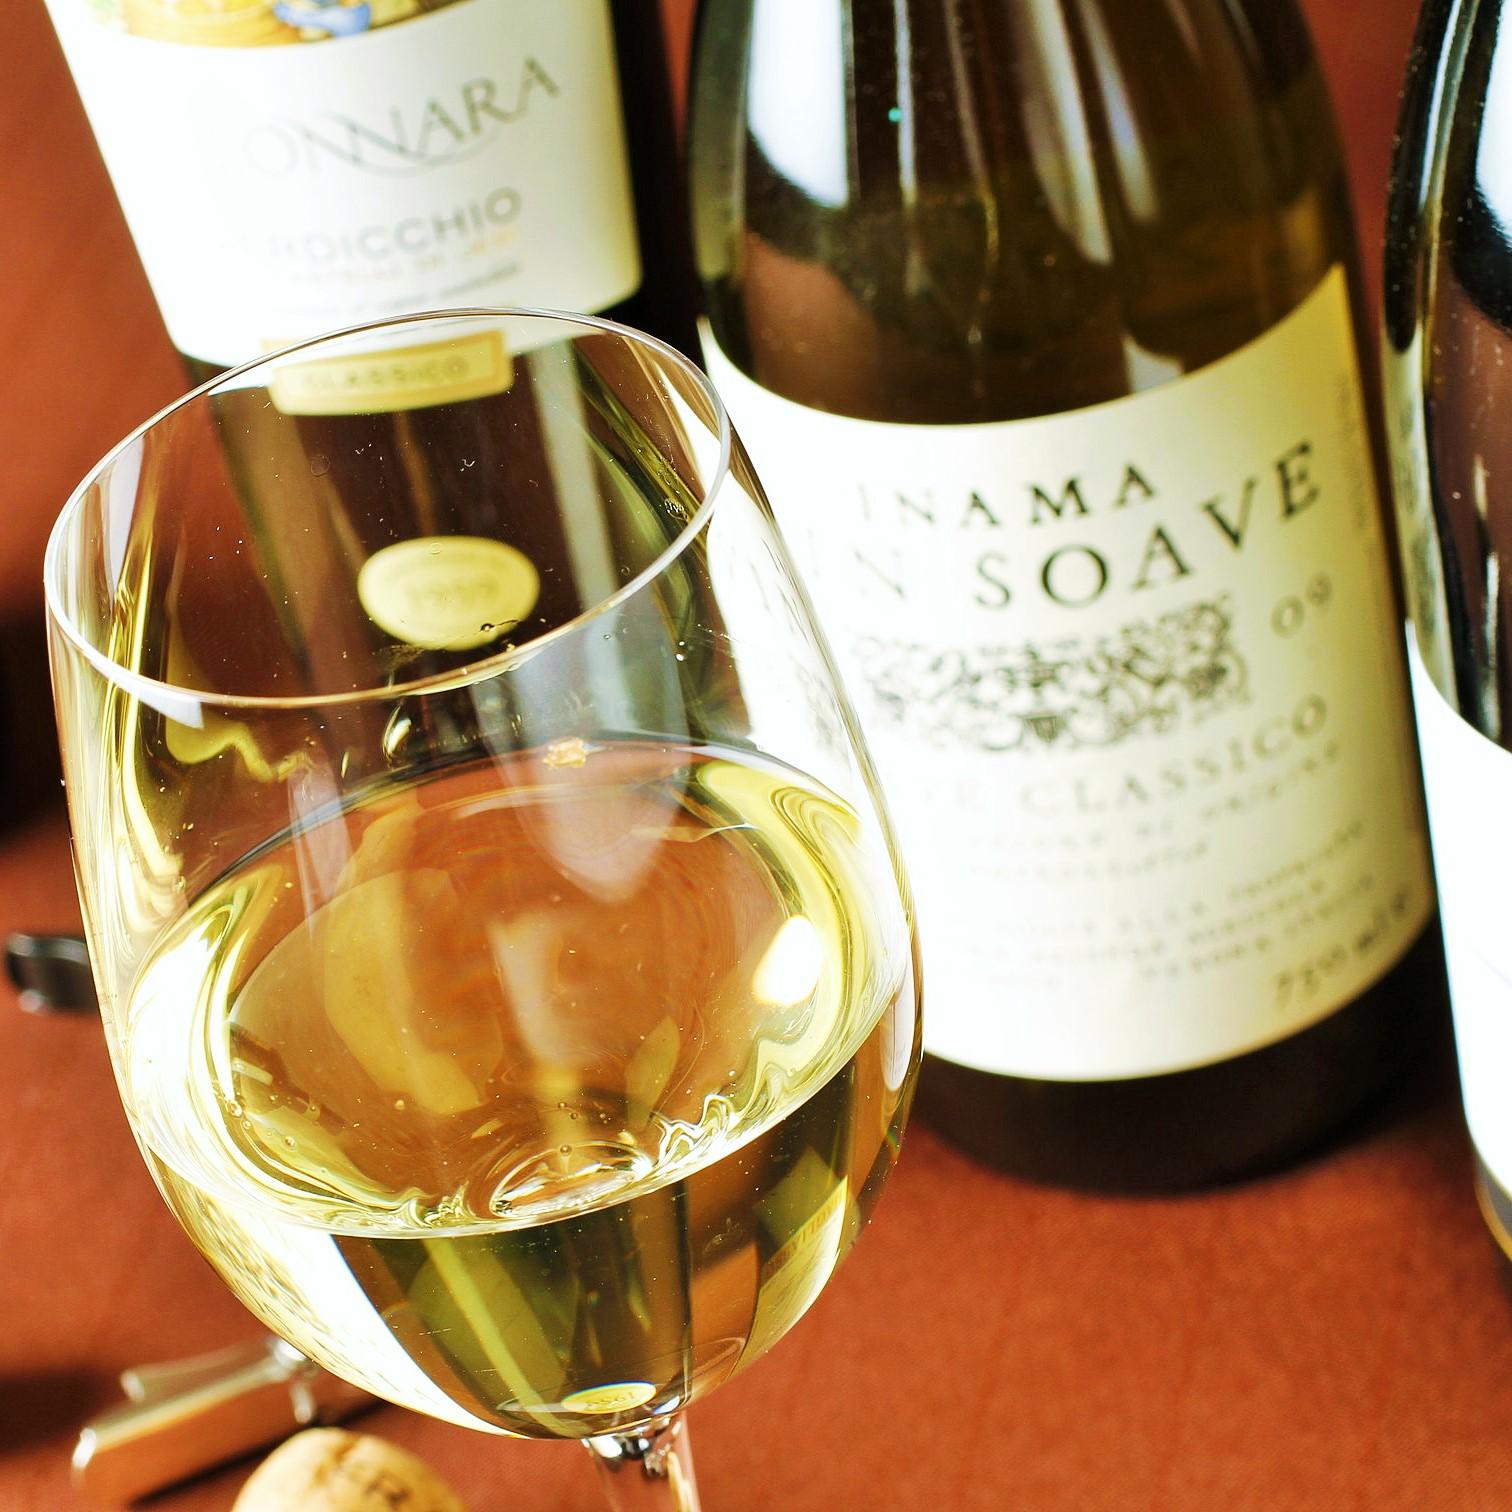 ワインについての知識も身に付く職場です!